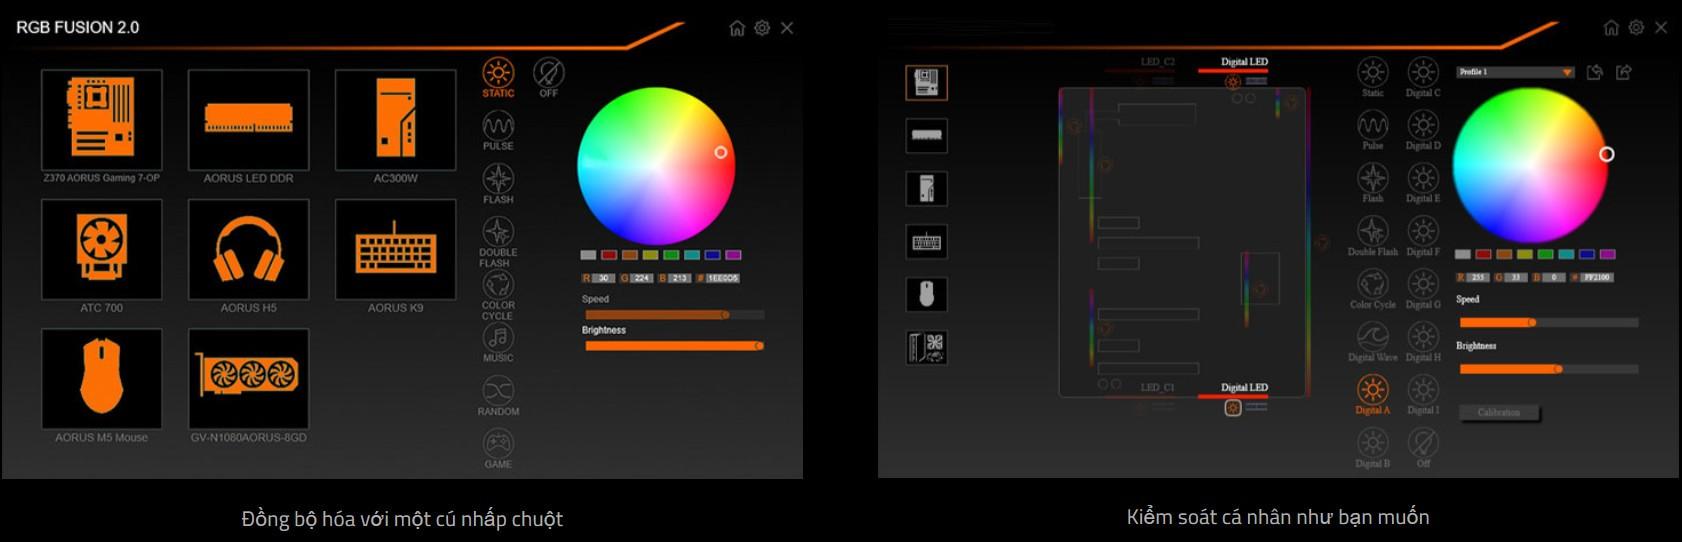 RGB FUSION 2.0 với thiết kế hiển thị ánh sáng LED nhiều địa chỉ